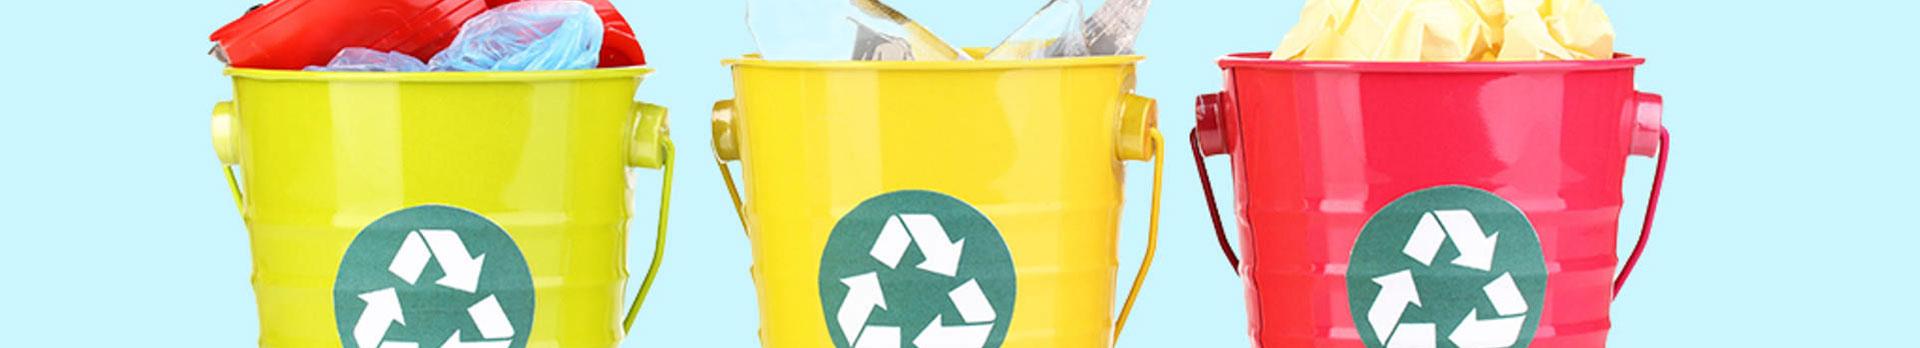 cdm_waste_banner